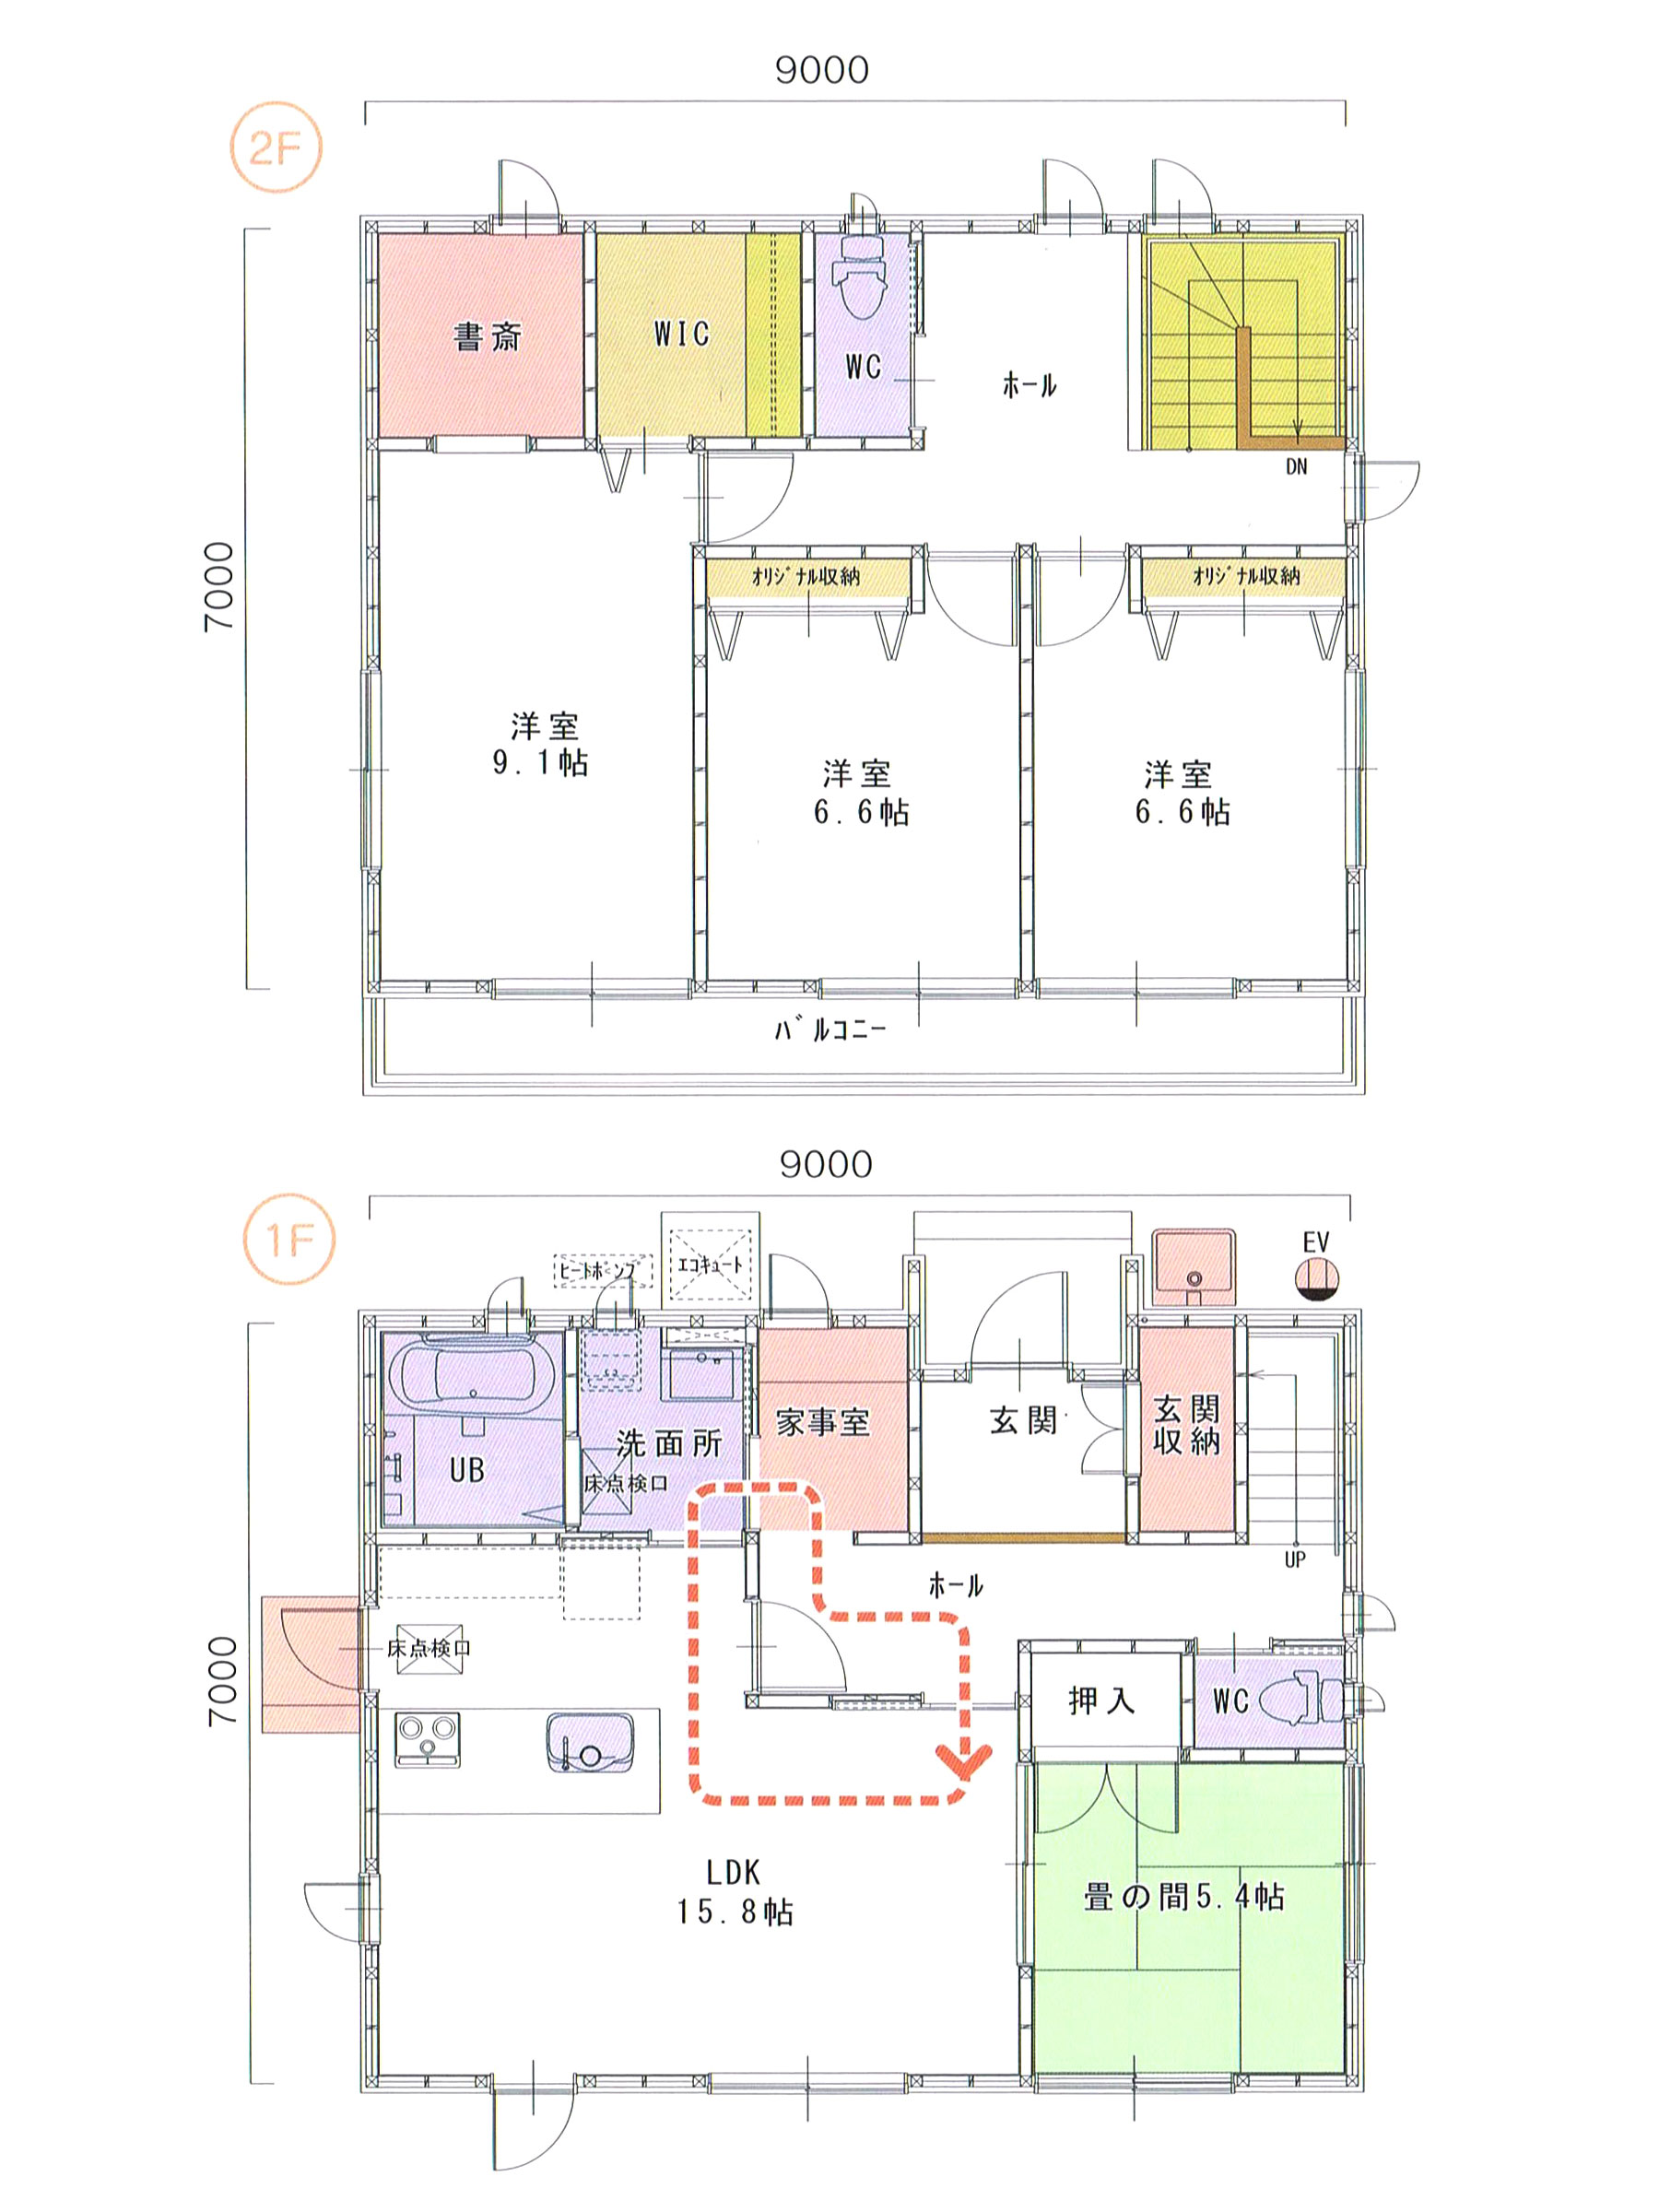 プランK-19 スモリの家